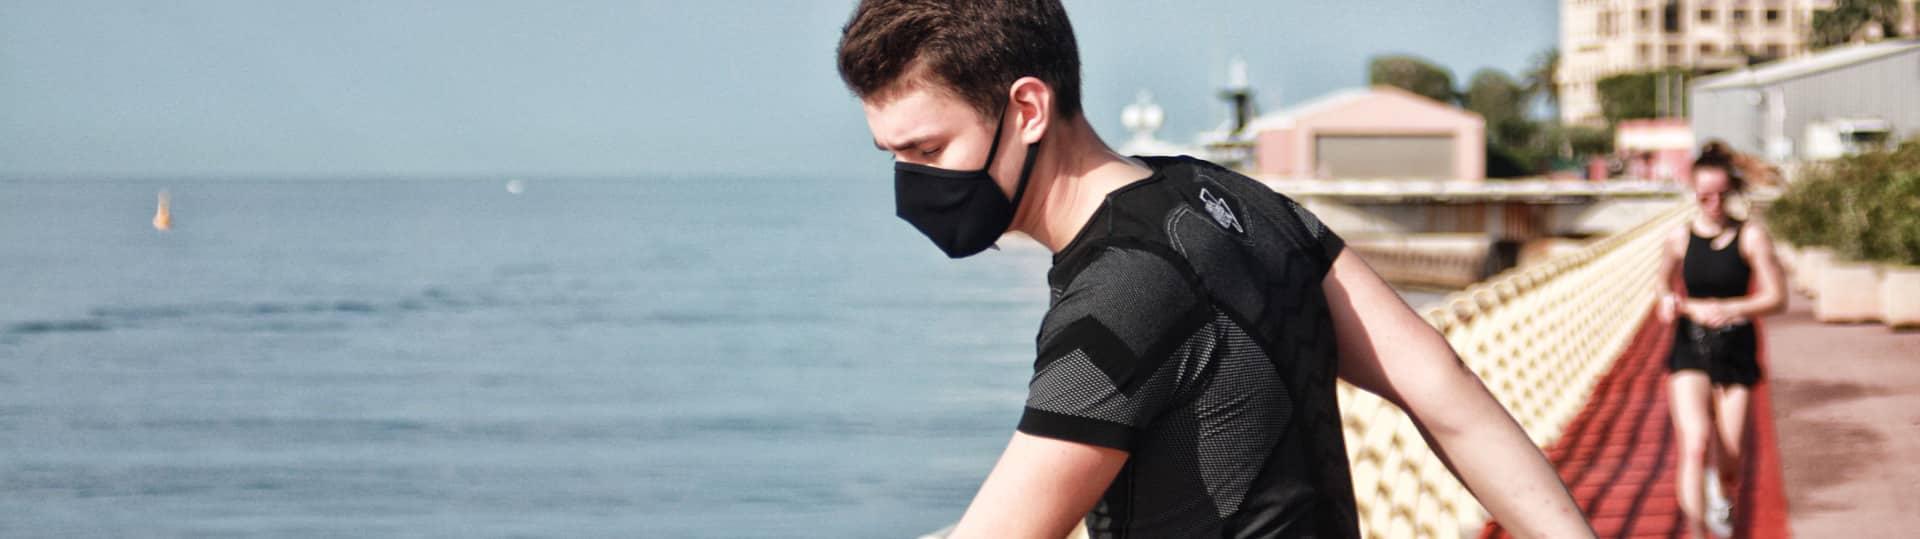 Buy Face Masks Australia